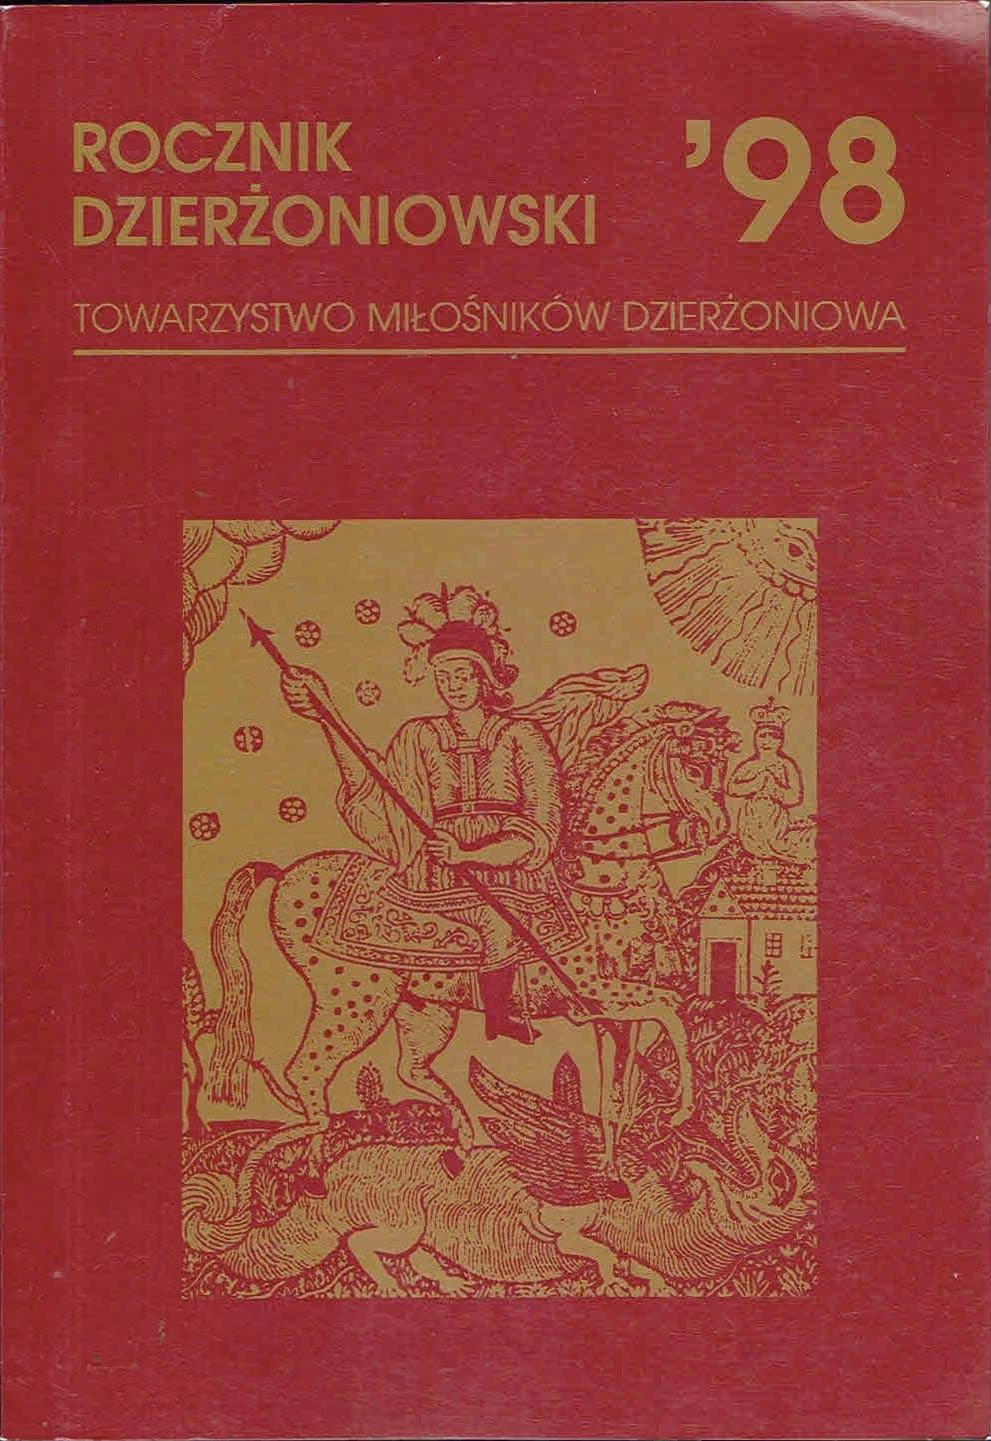 Rocznik Dzierżoniowski 1998 [Dzierżoniów Owiesno]